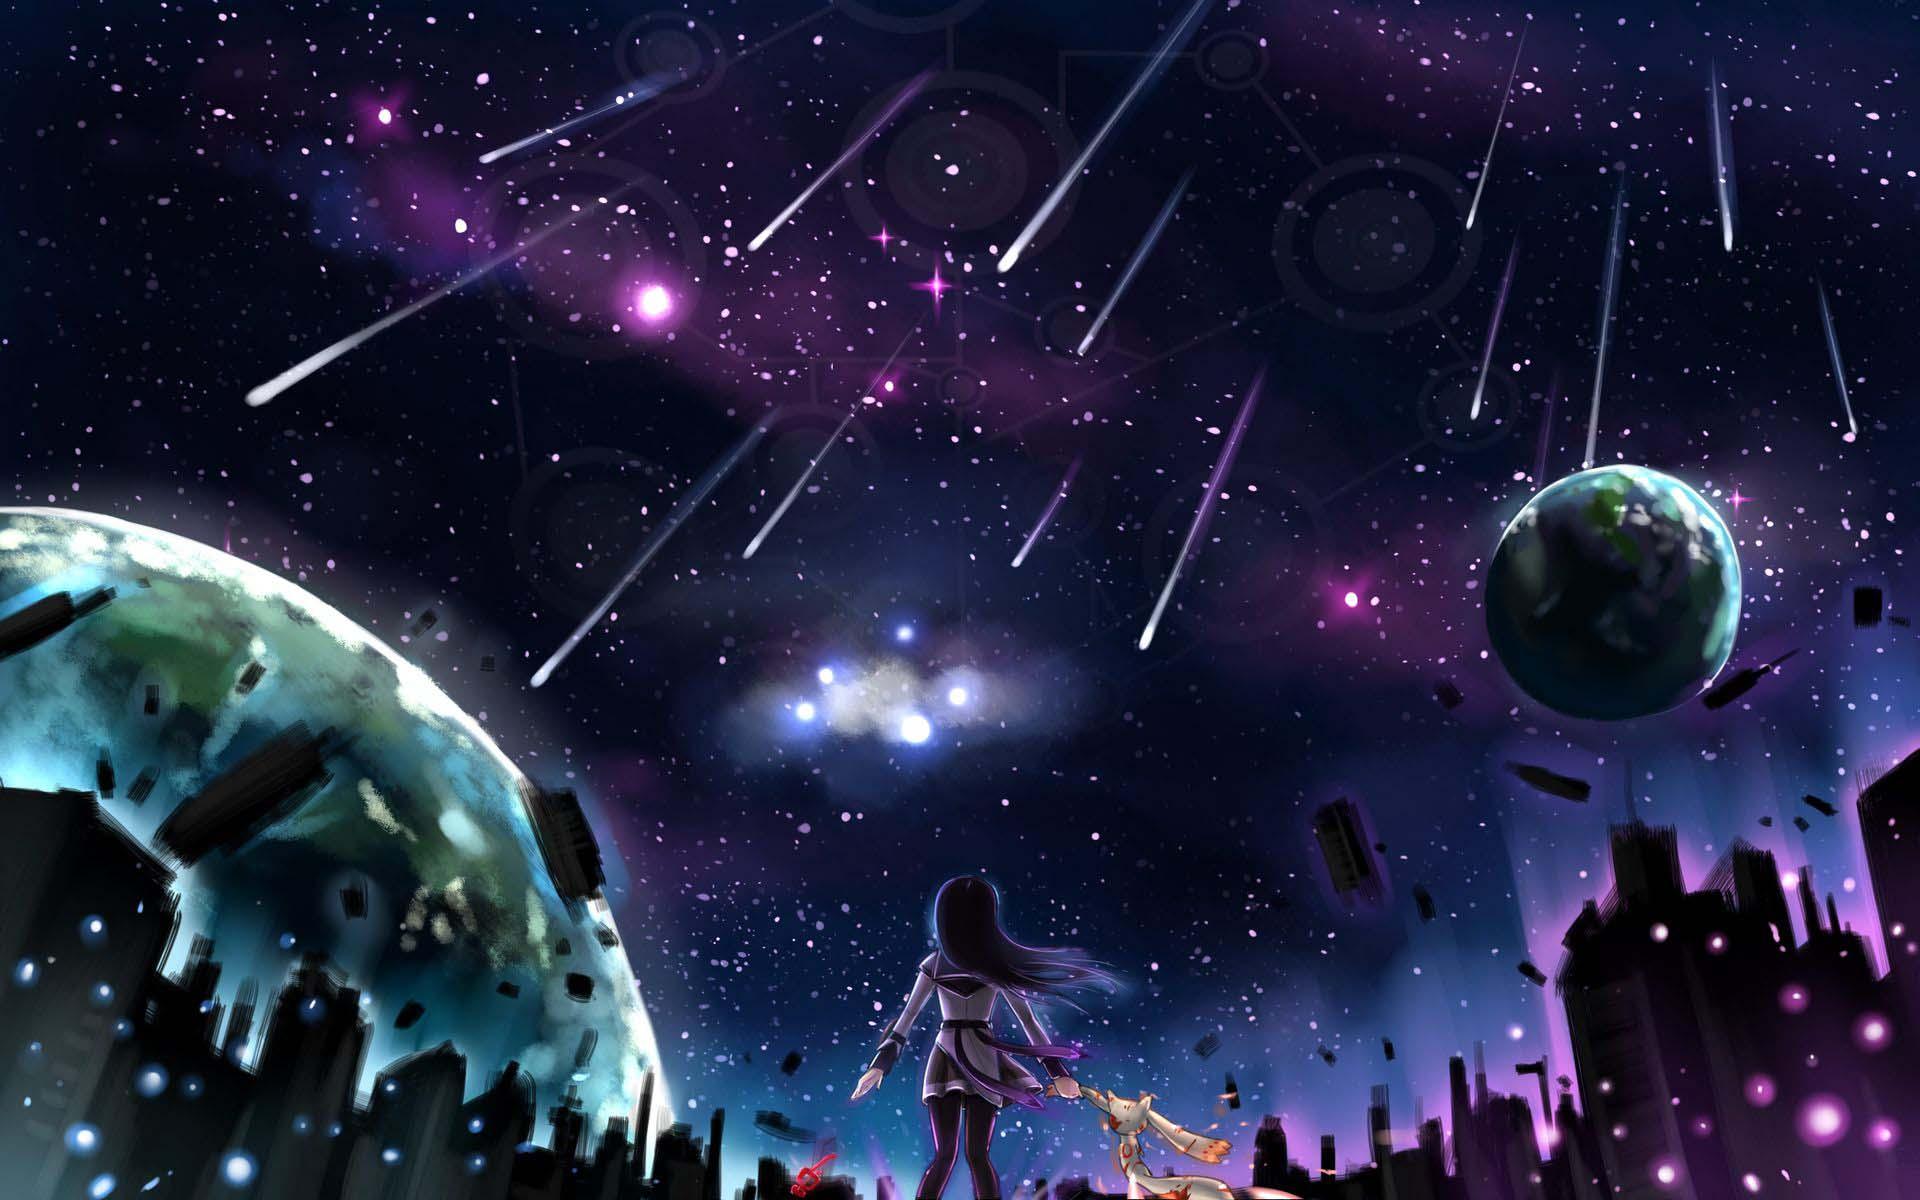 Những ảnh anime galaxy đẹp nhất